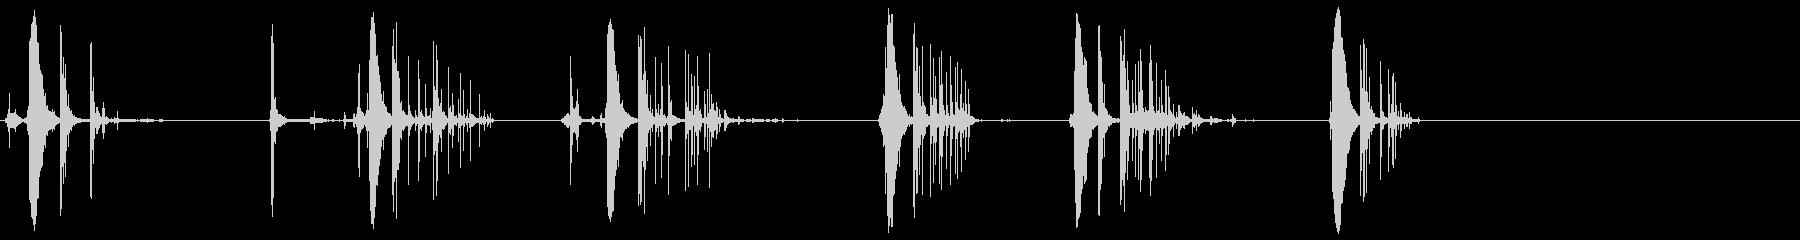 クリップ3から弾薬を取り出すの未再生の波形